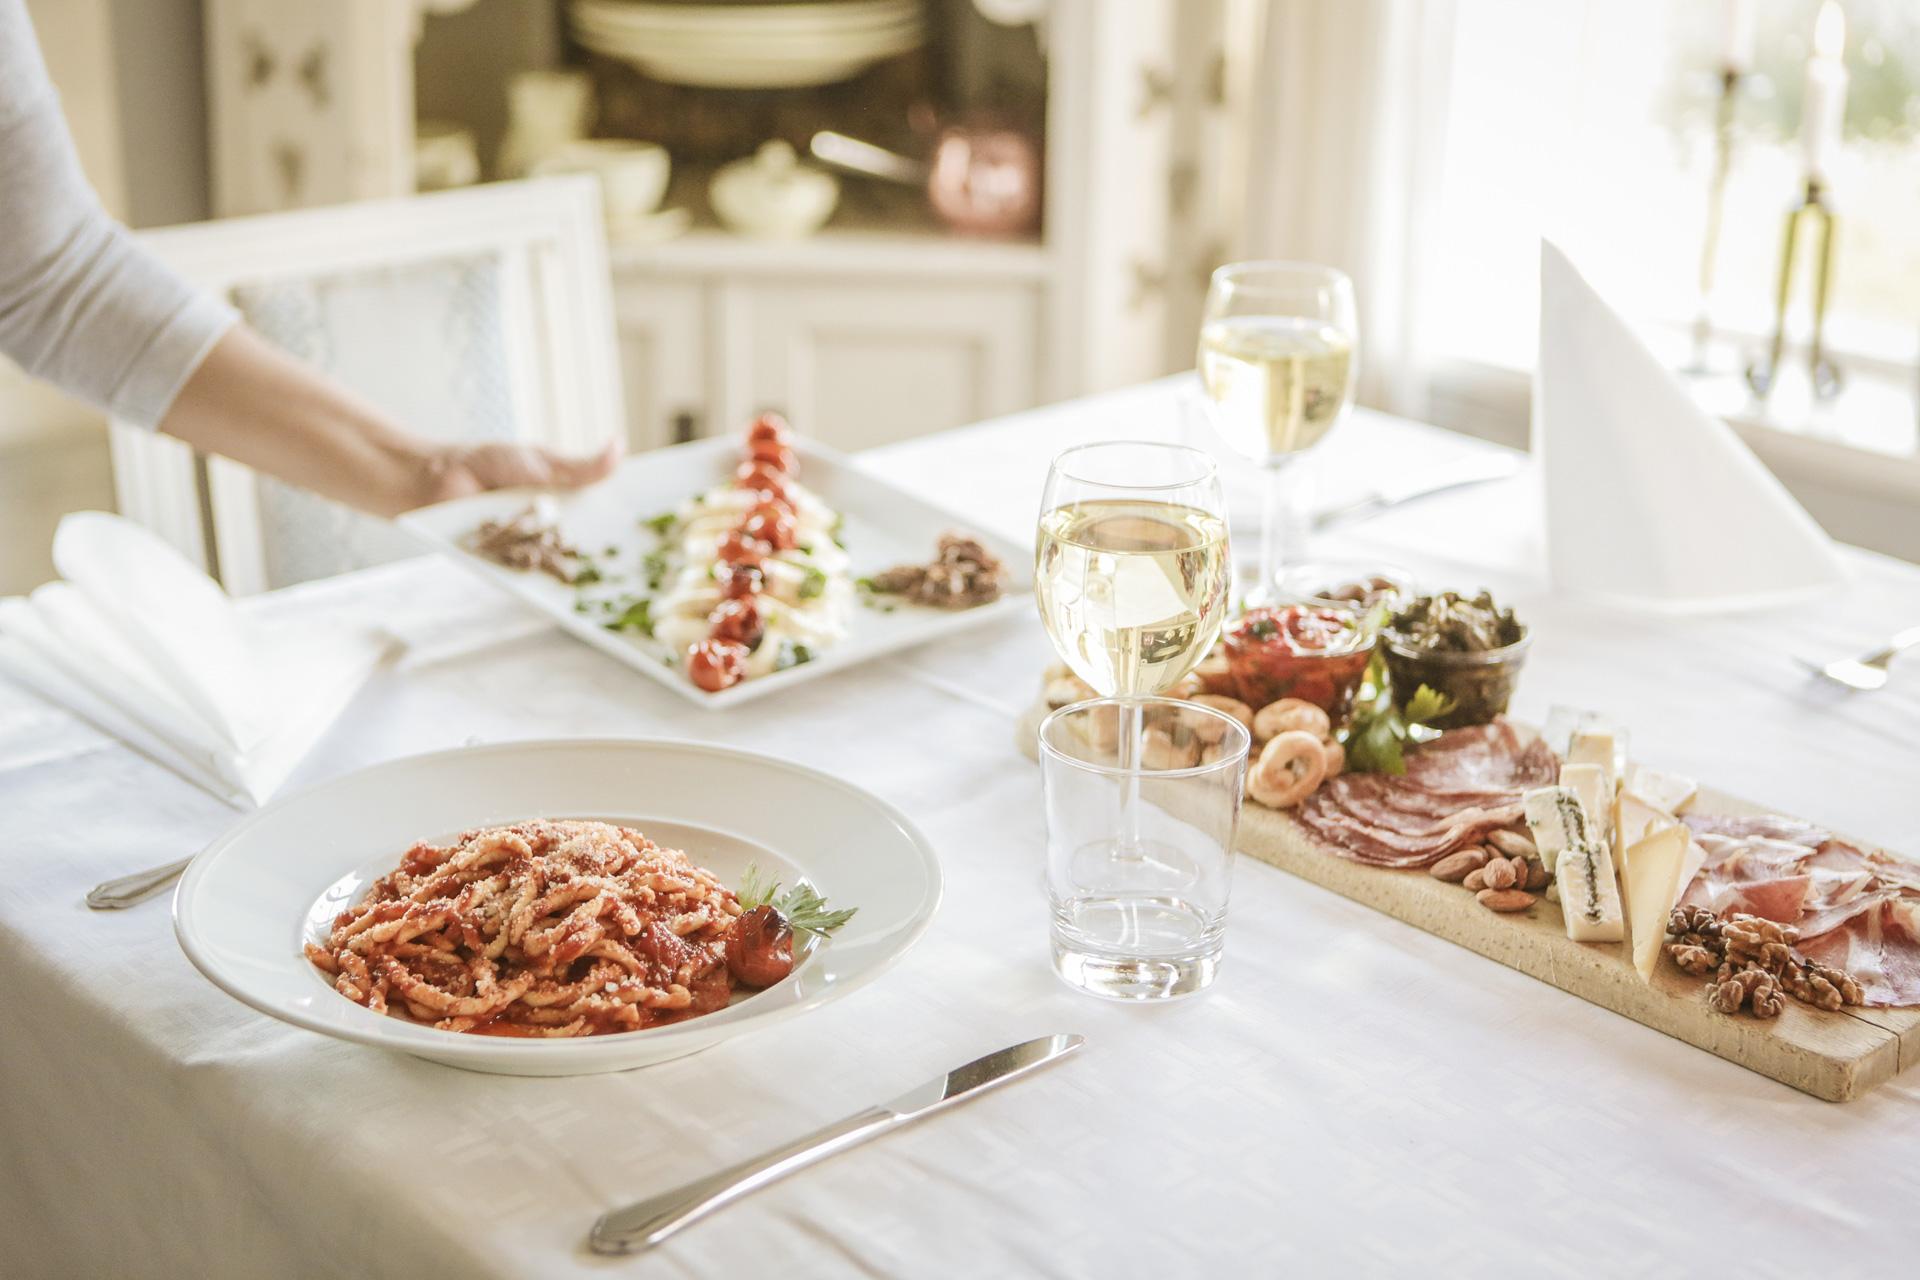 matsal-middag-serving